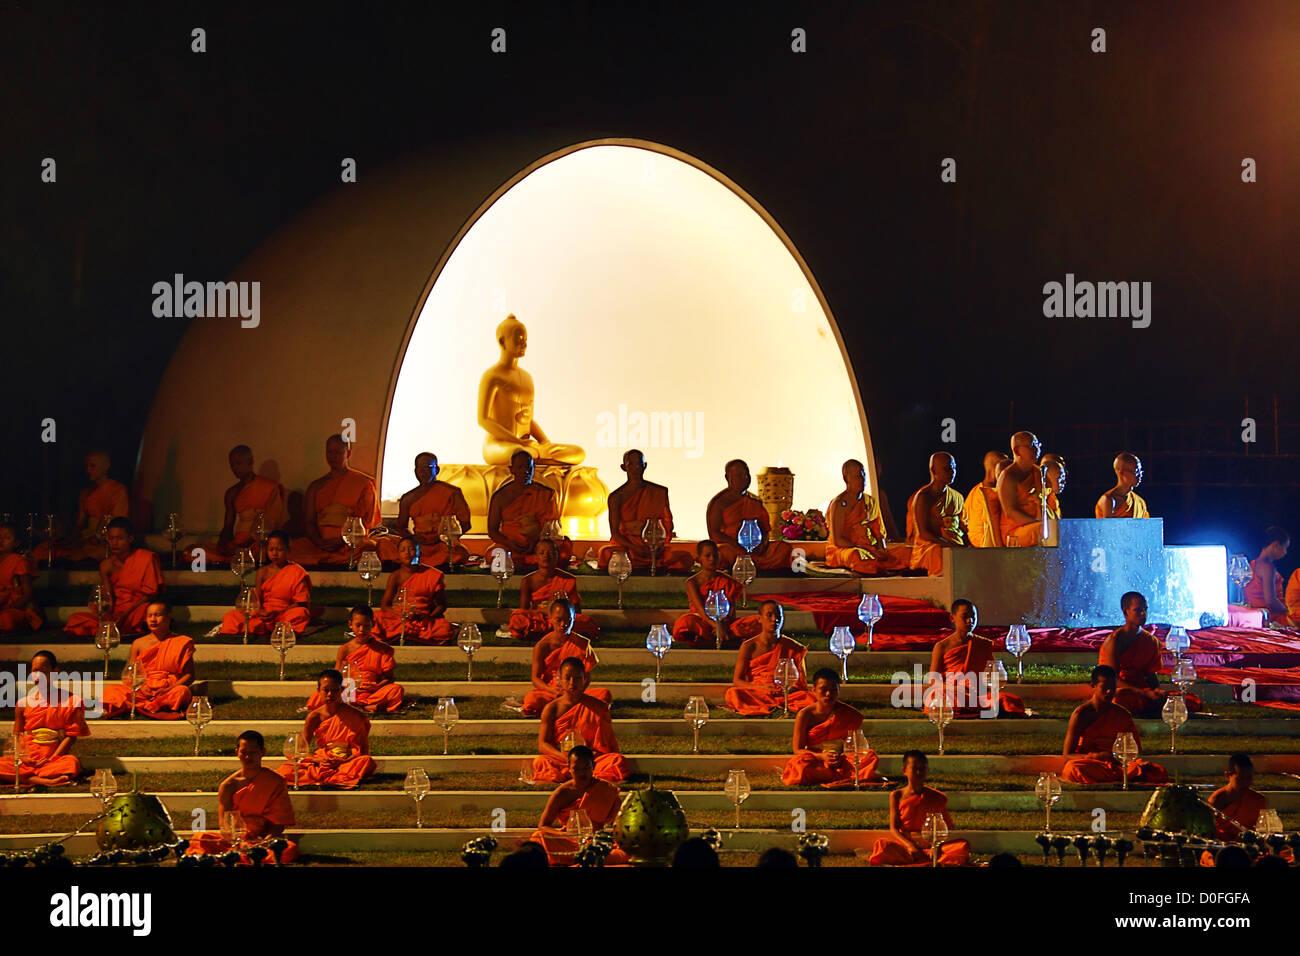 Chiang Mai, Thailand. 24. November 2012. Yee Peng Odds schwimmende Laterne Zeremonie Teil der Loy Kratong Feierlichkeiten Stockfoto